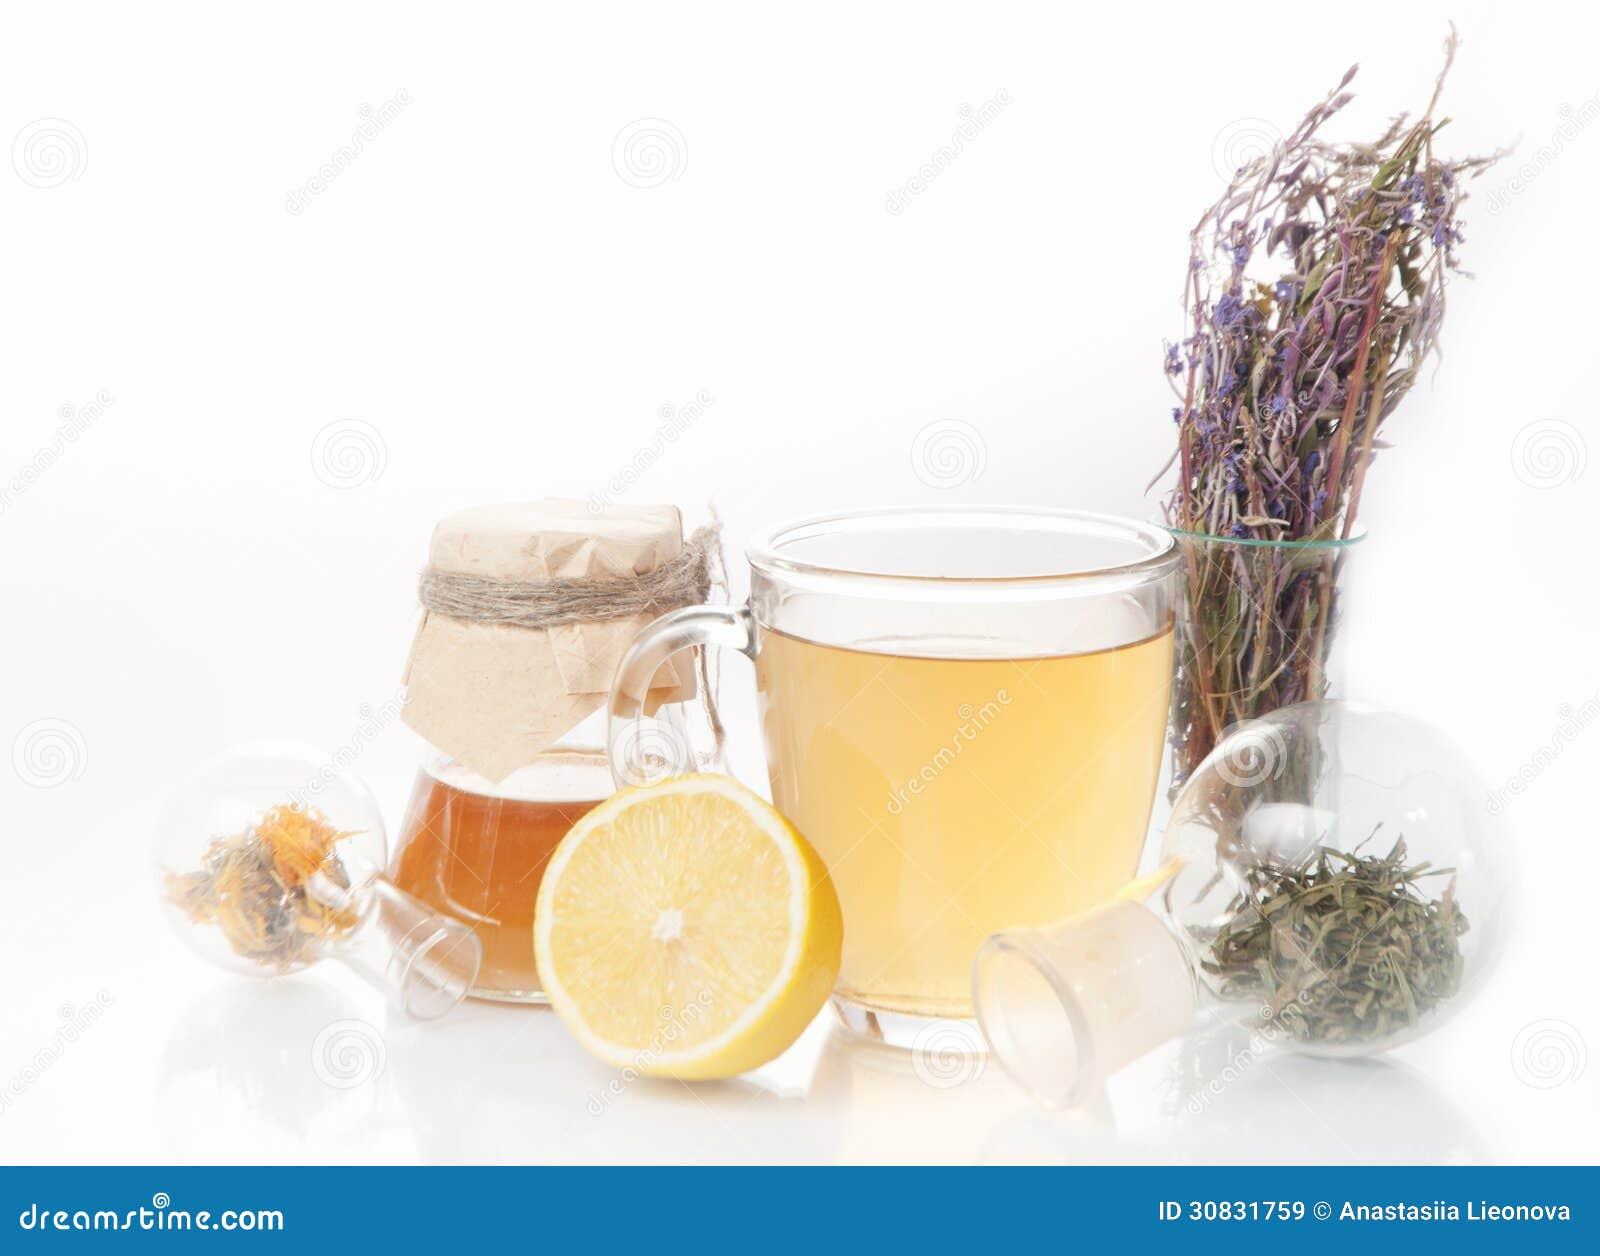 Medicina alternativa delle erbe curative